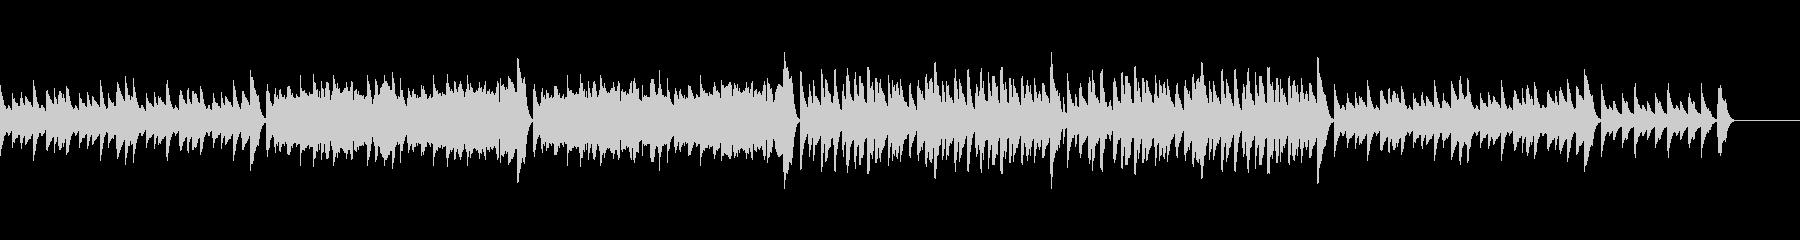 ピアノ、フルート、マリンバの短めの曲の未再生の波形